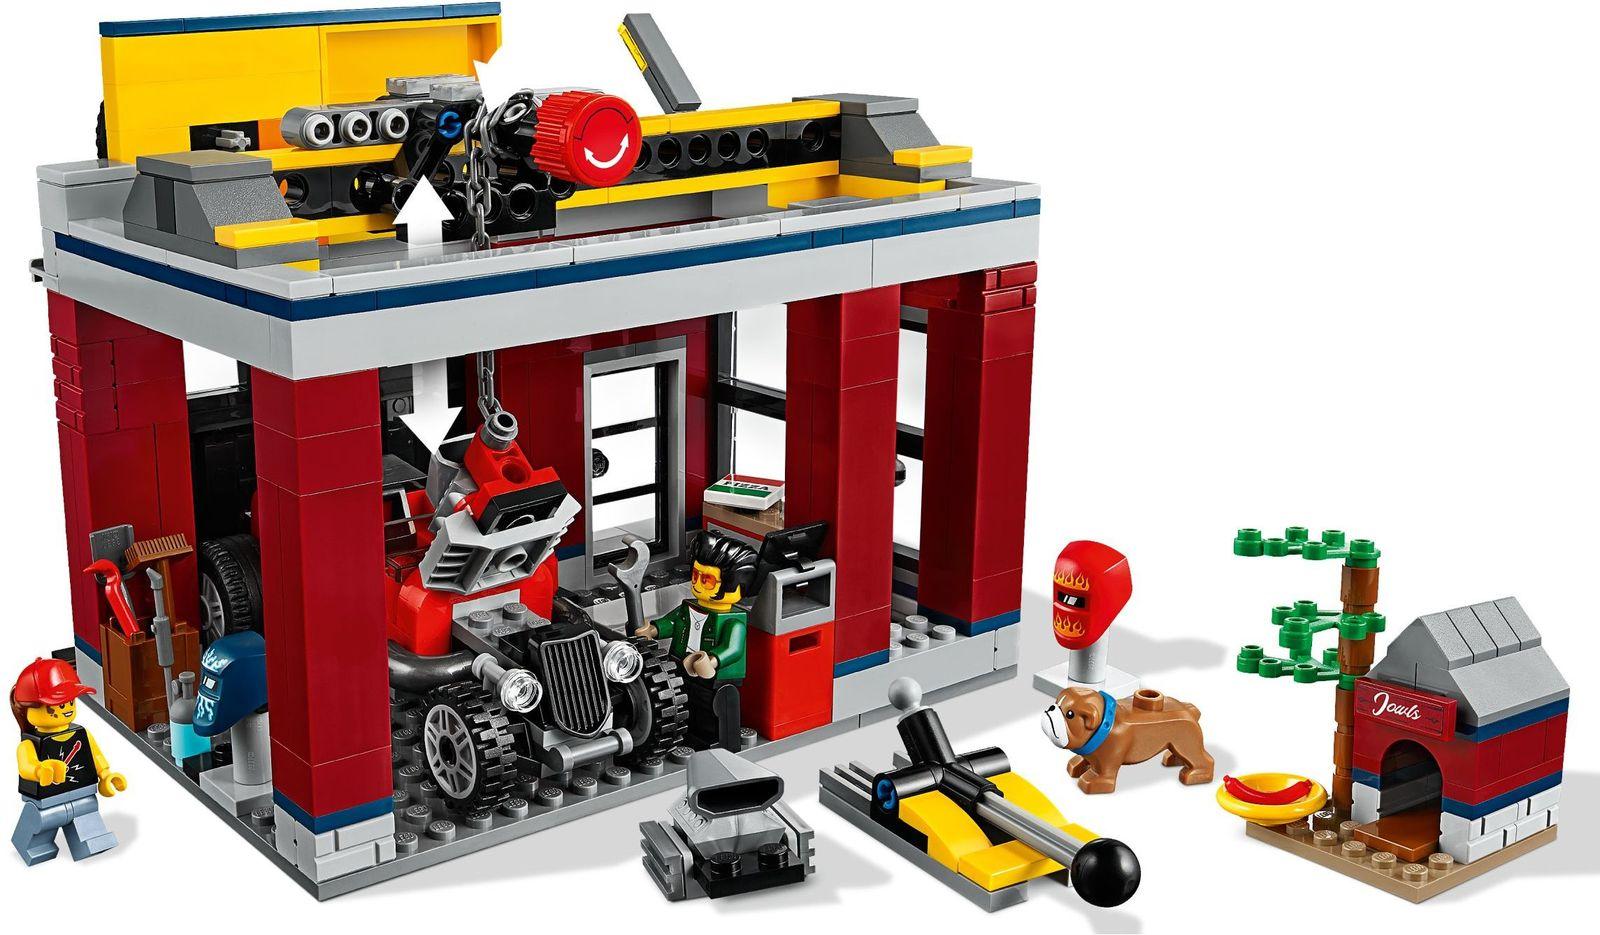 LEGO City - Tuning Workshop image